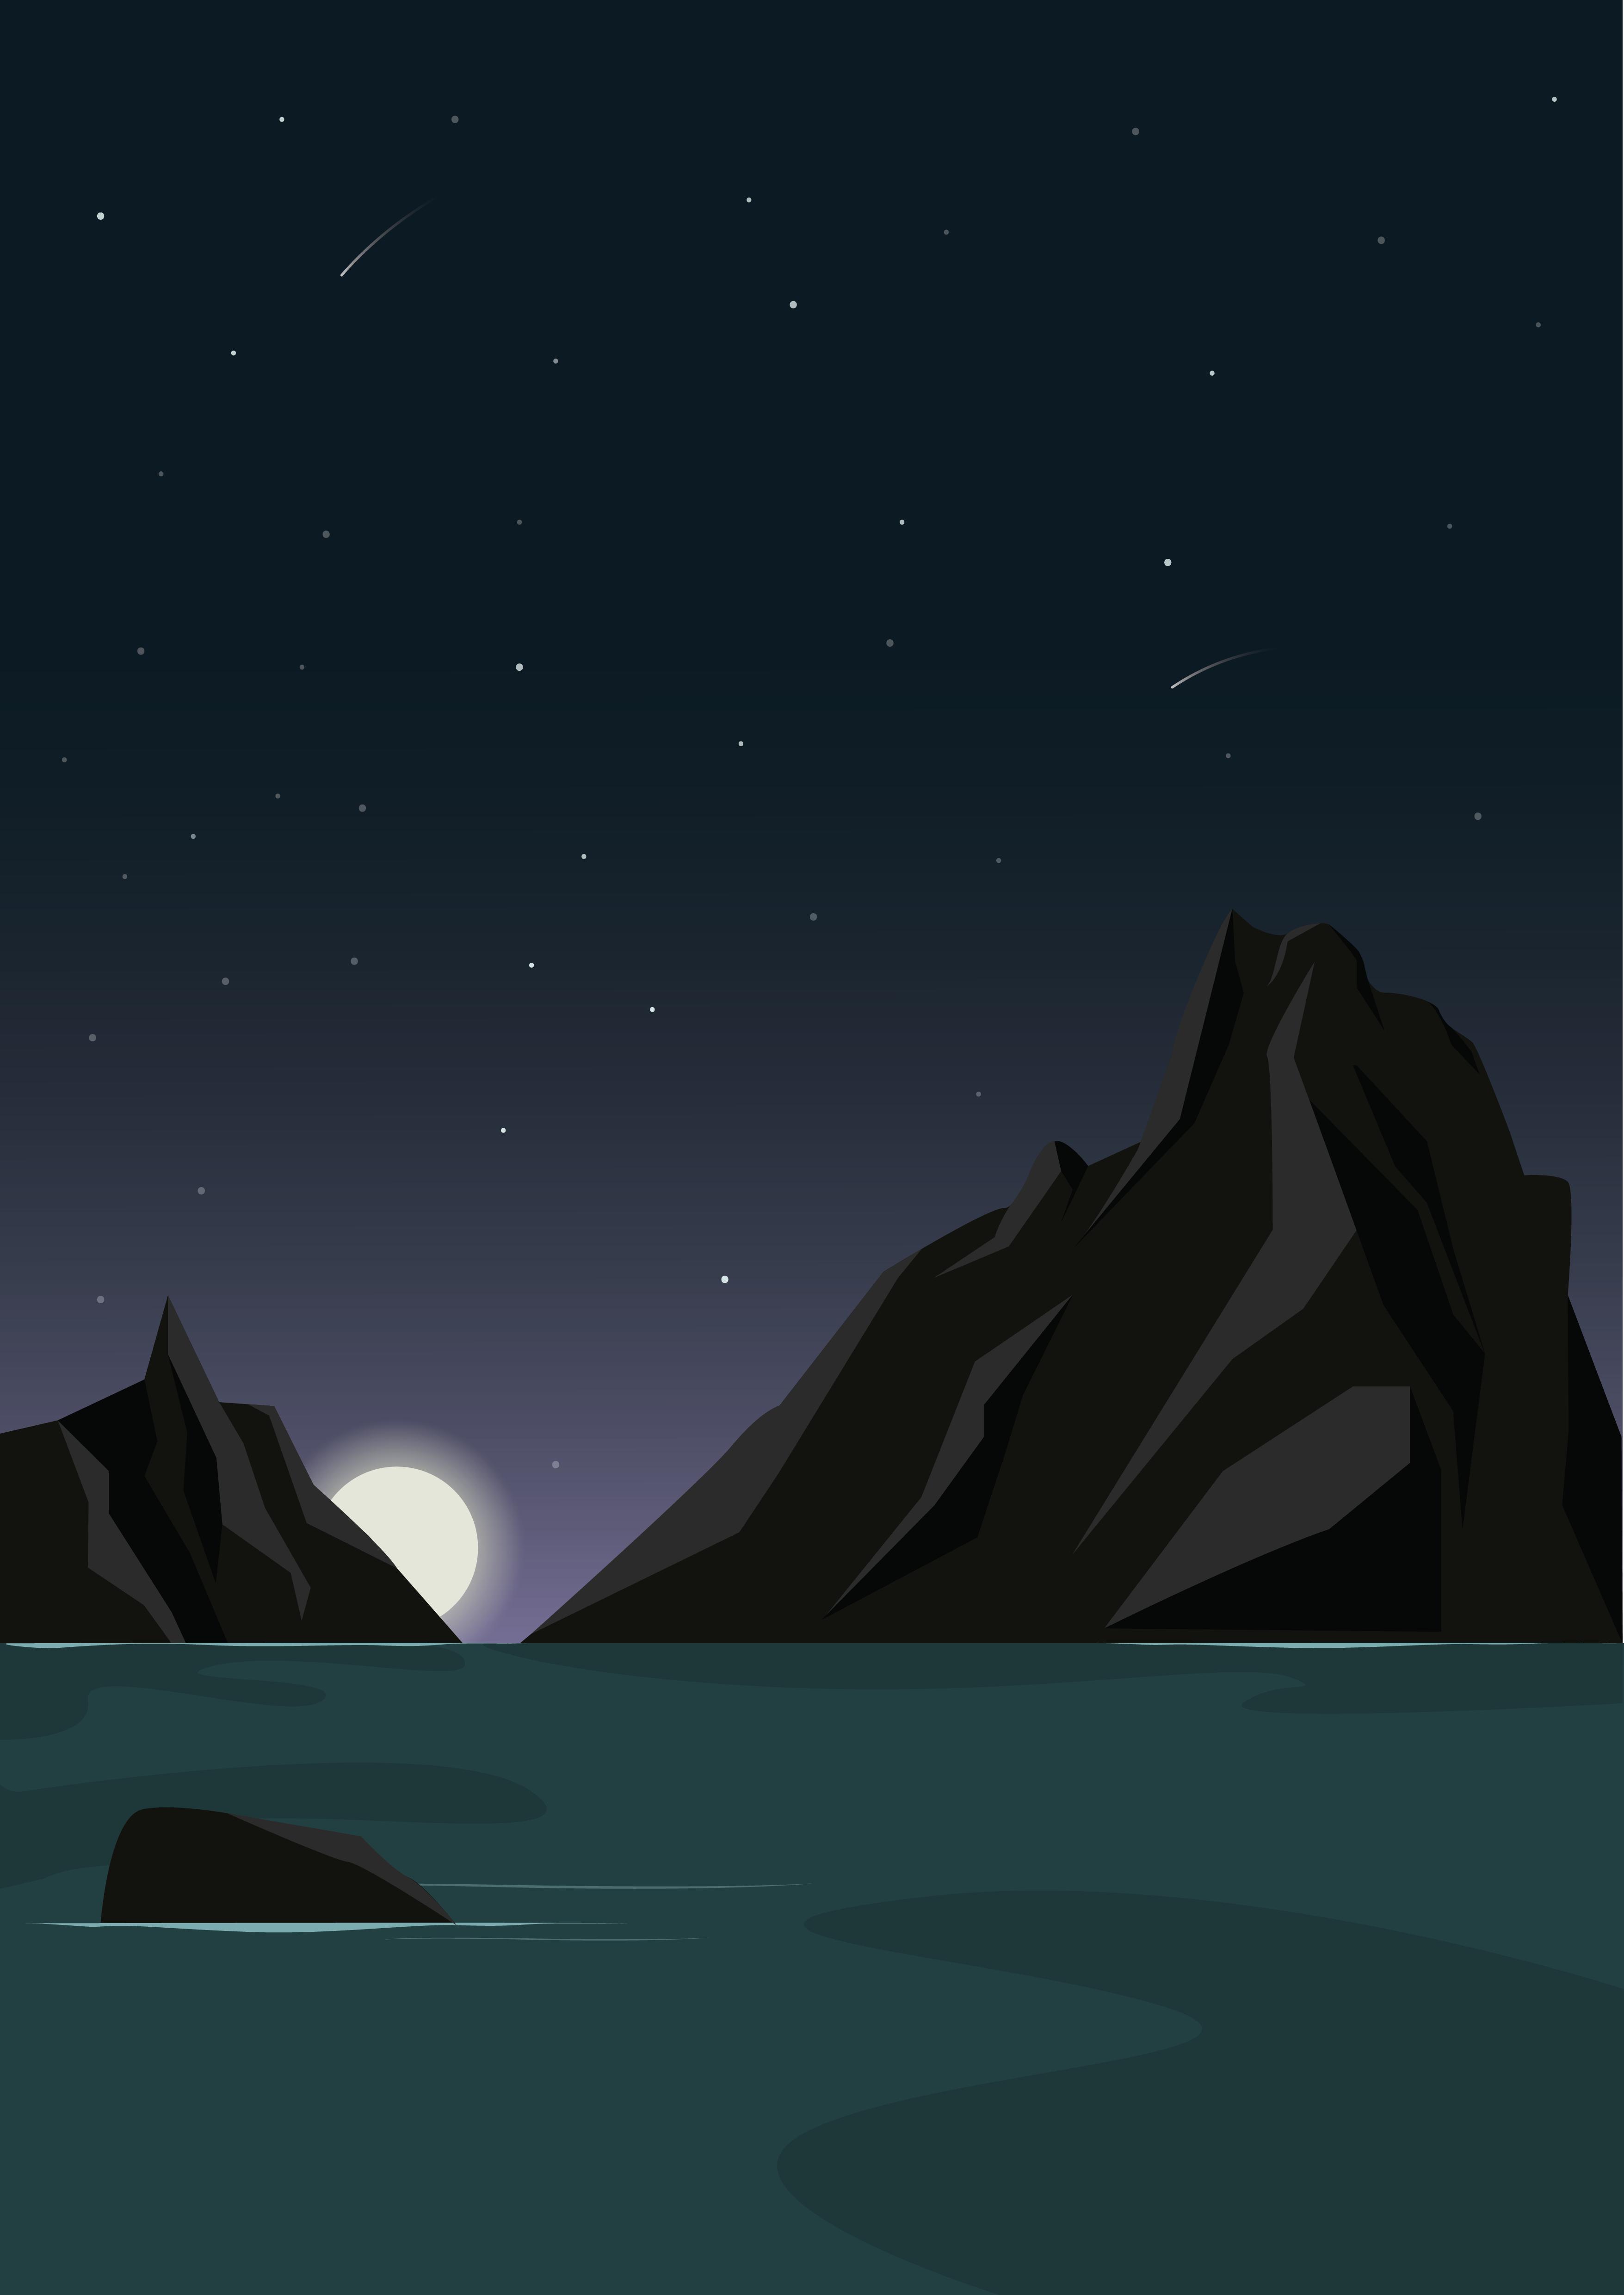 Digital tegning av fjell med nattehimmel. Havet i forgrunnen.